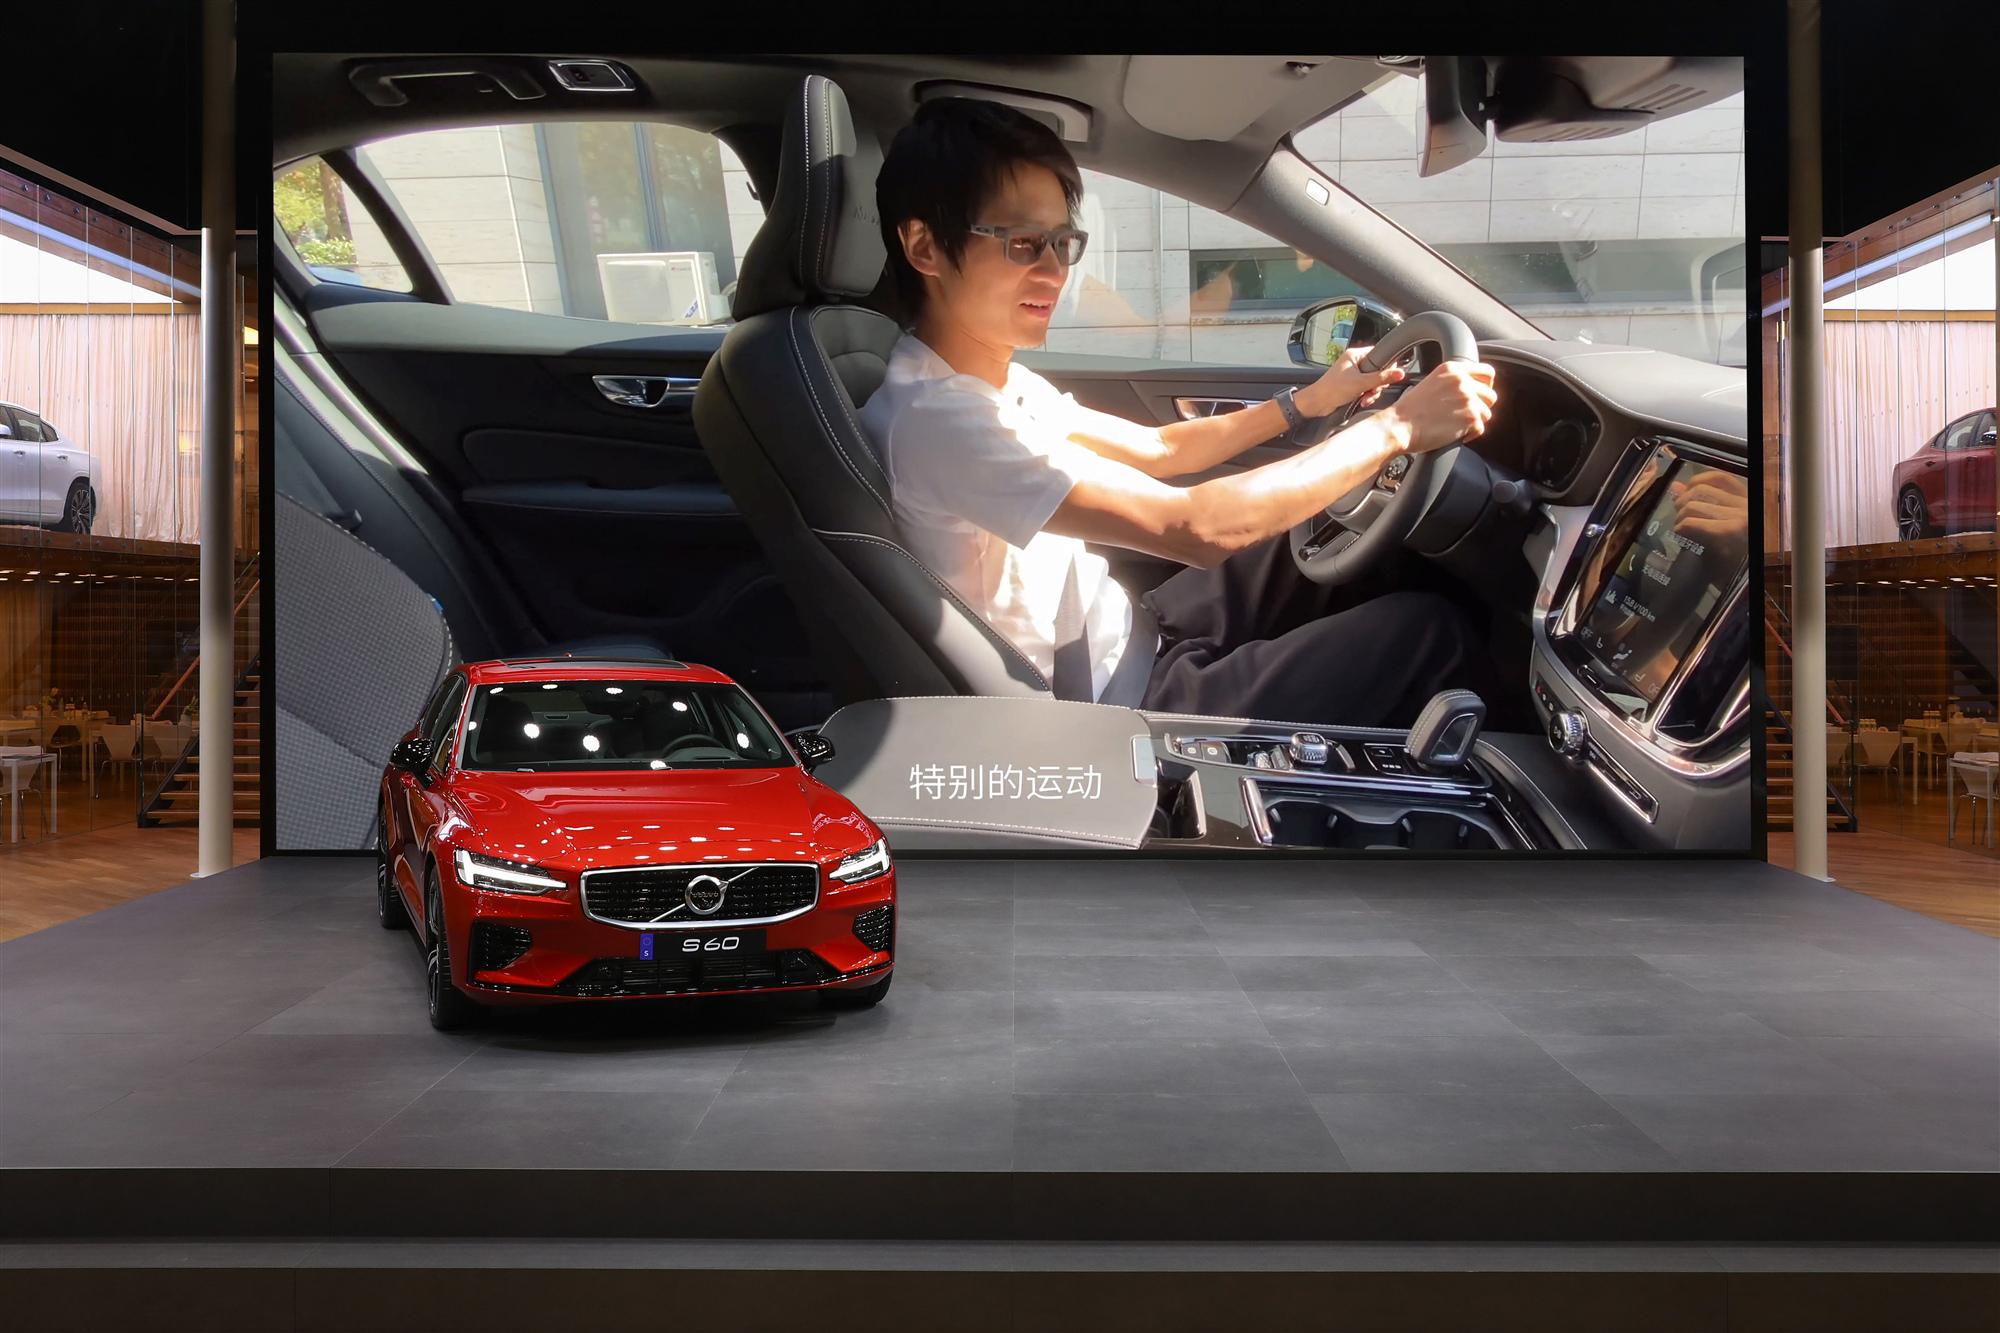 05_沃尔沃汽车品牌挚友韩寒通过Vlog为沃尔沃全新S60预售助力